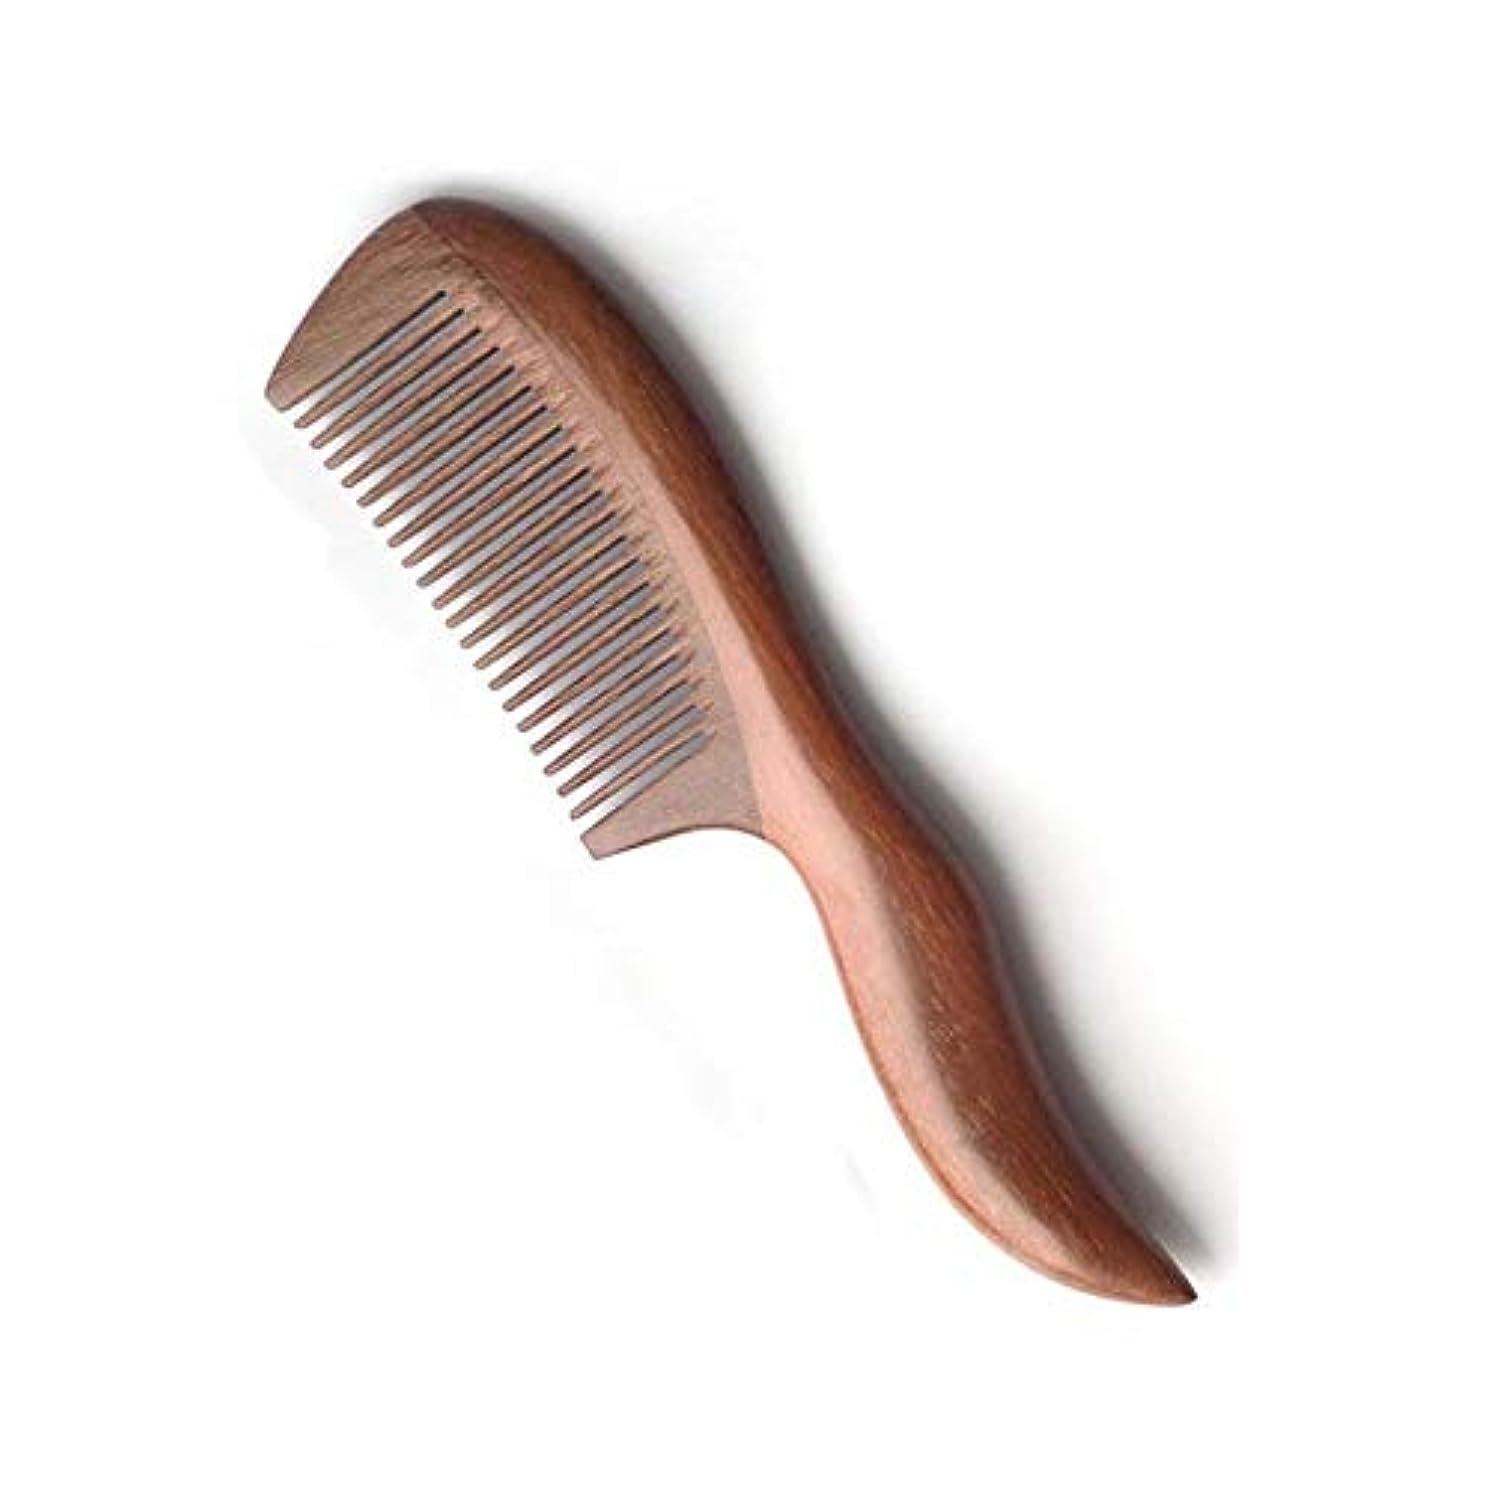 キャプチャーランデブー傾向女性のためのFashian木製のくしファイン歯くし、グリーンサンダルウッド抗静的もつれ解除ホーンくし ヘアケア (色 : 1827)